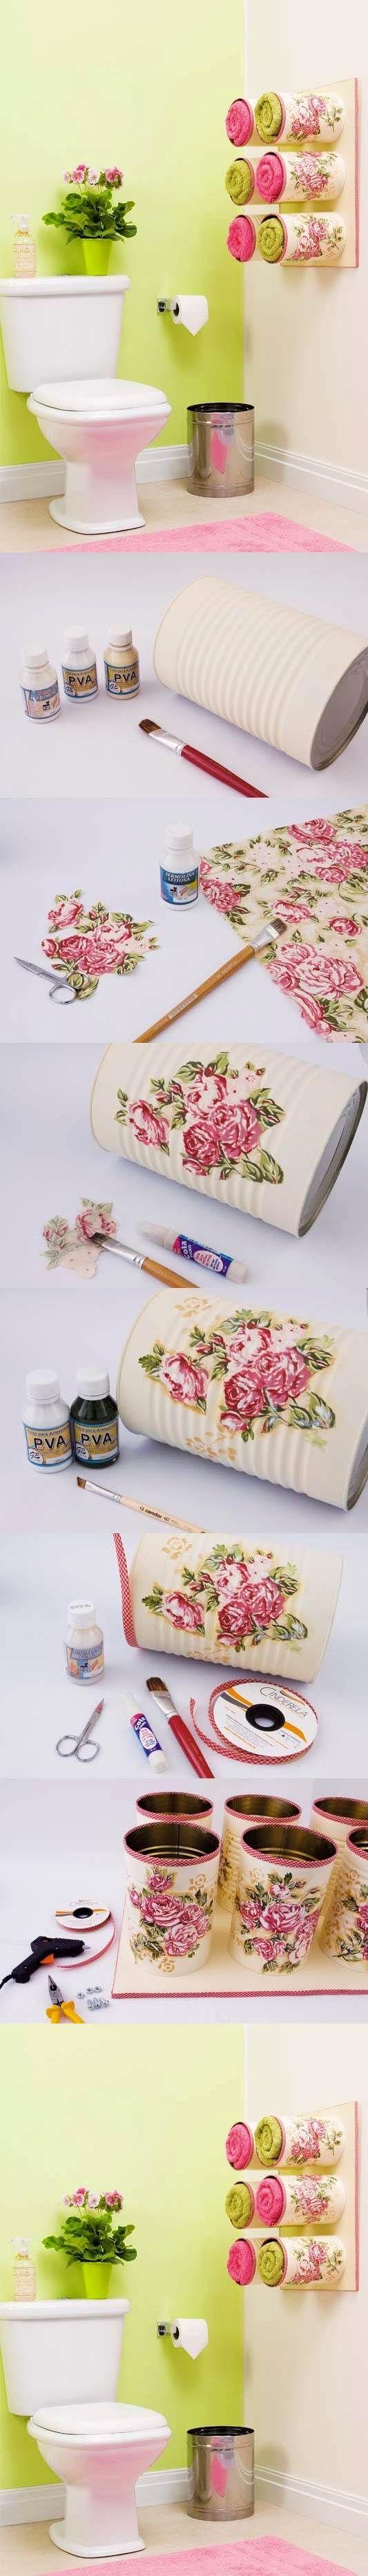 DIY Beautiful Towel Box 2